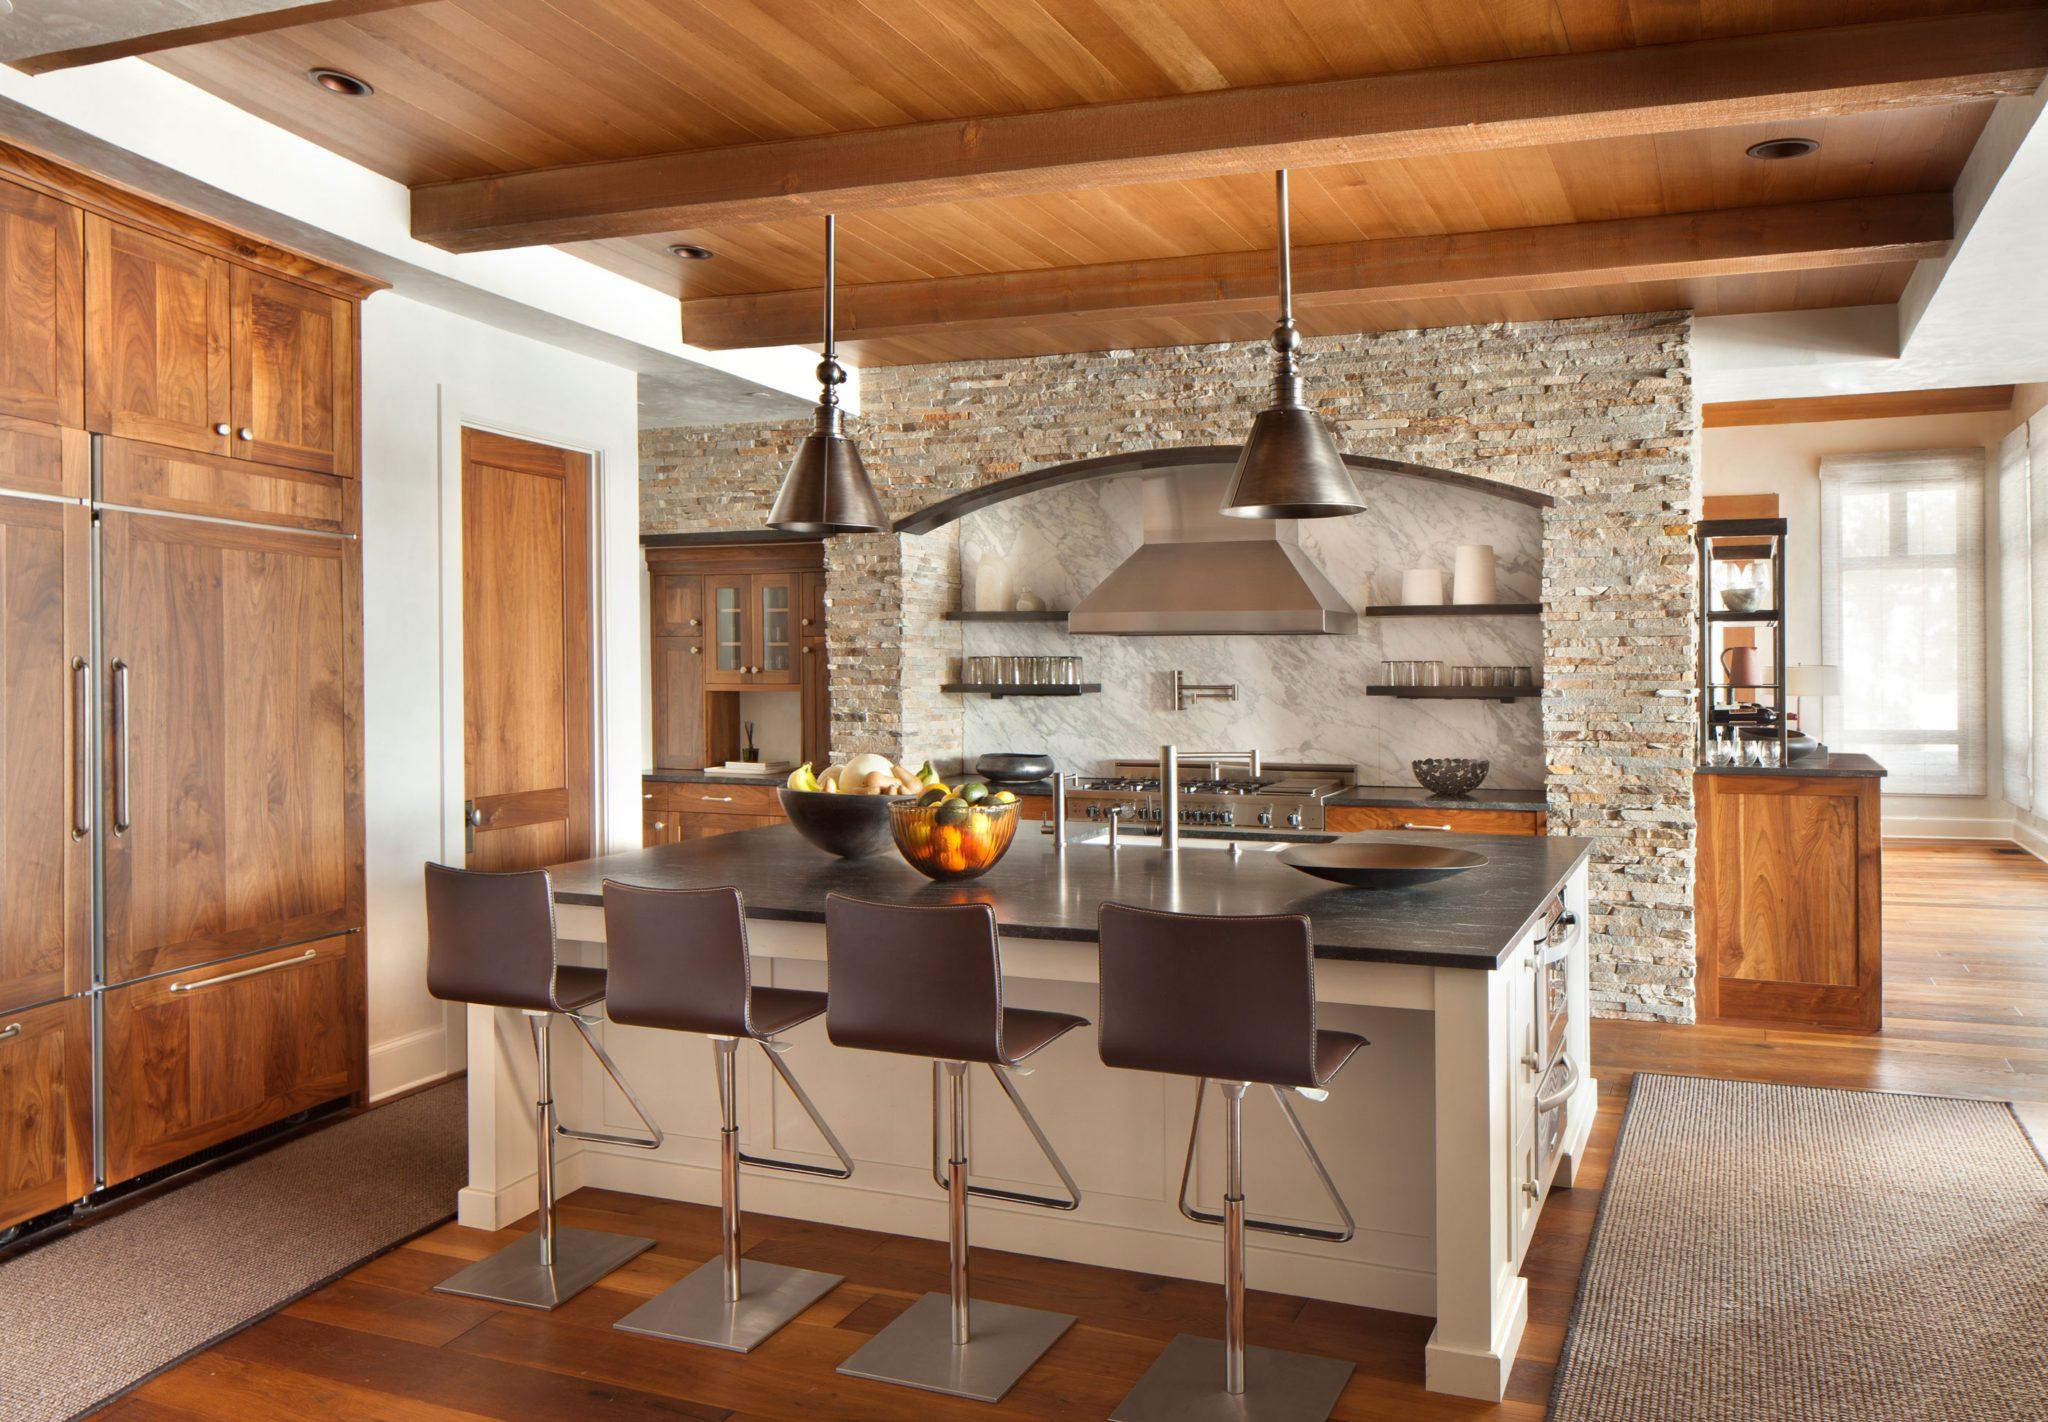 Interior design by LKID